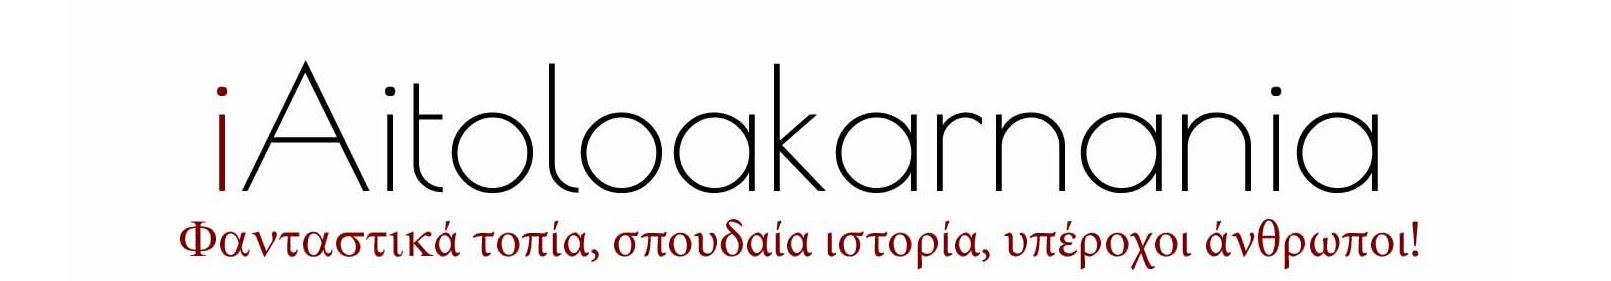 http://iaitoloakarnania.gr/2017/05/anakalypste-tous-krymmenous-thisavrous-tis-dytikis-elladas-video/